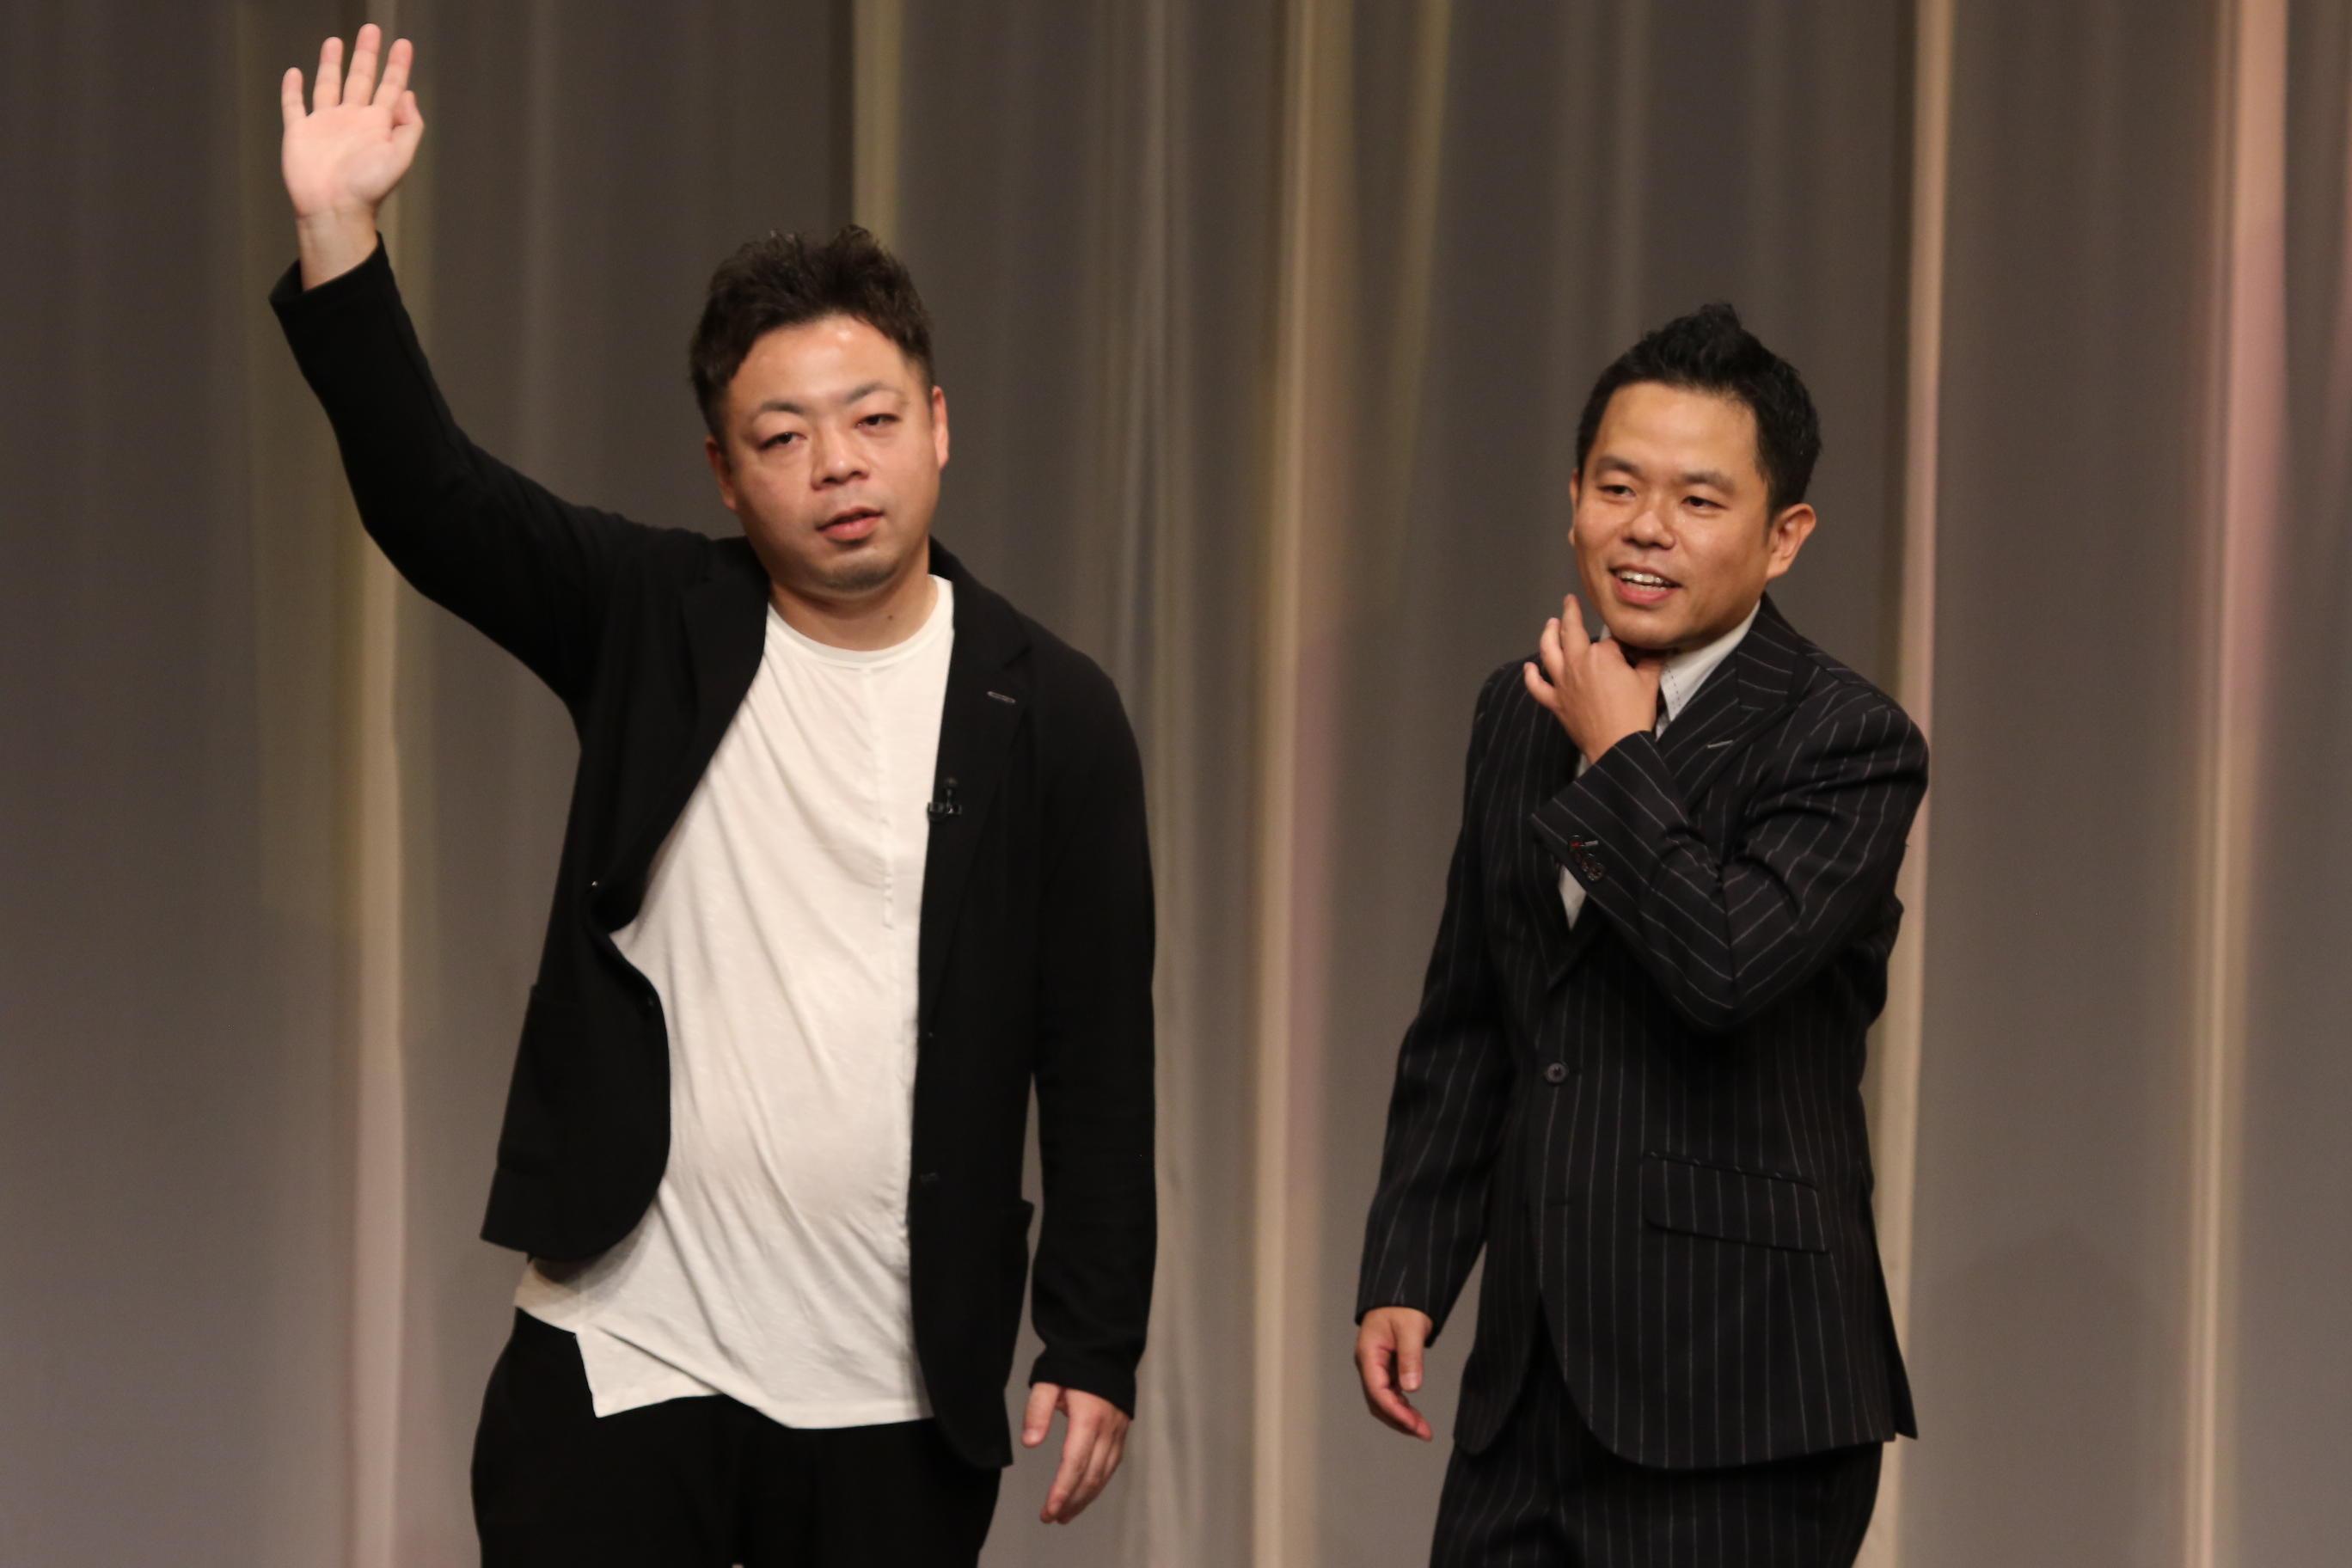 http://news.yoshimoto.co.jp/20161018115454-63b0fb87a103906d15e890950baa10c2ae01ca30.jpg